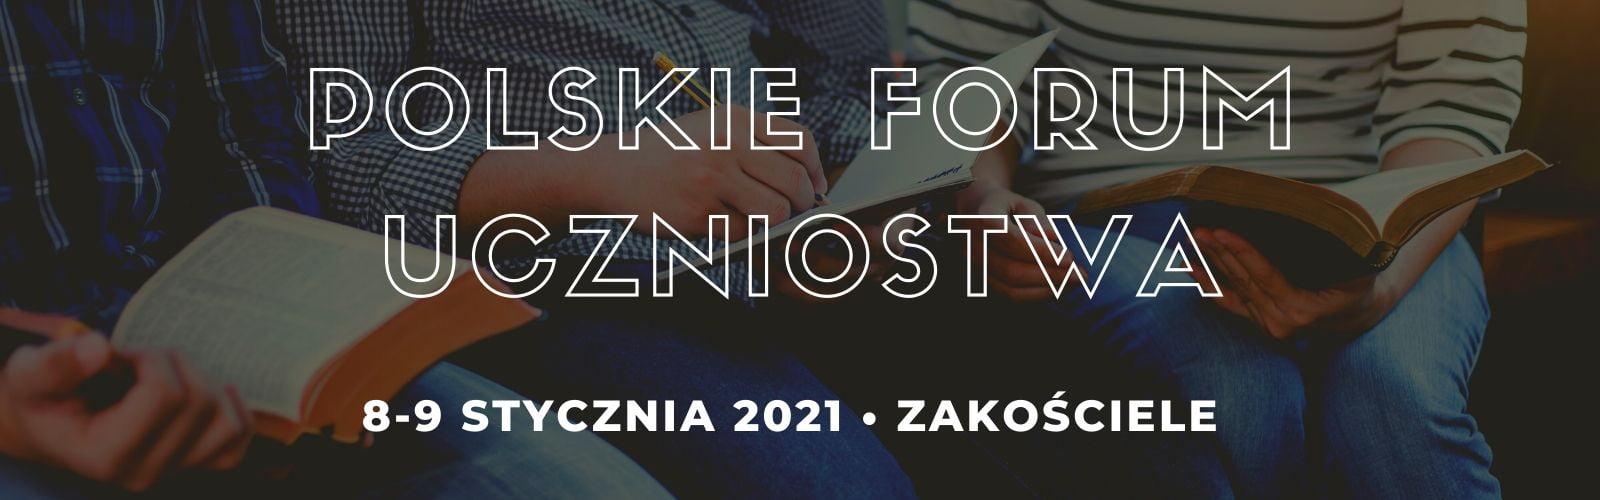 Polskie Forum Uczniostwa